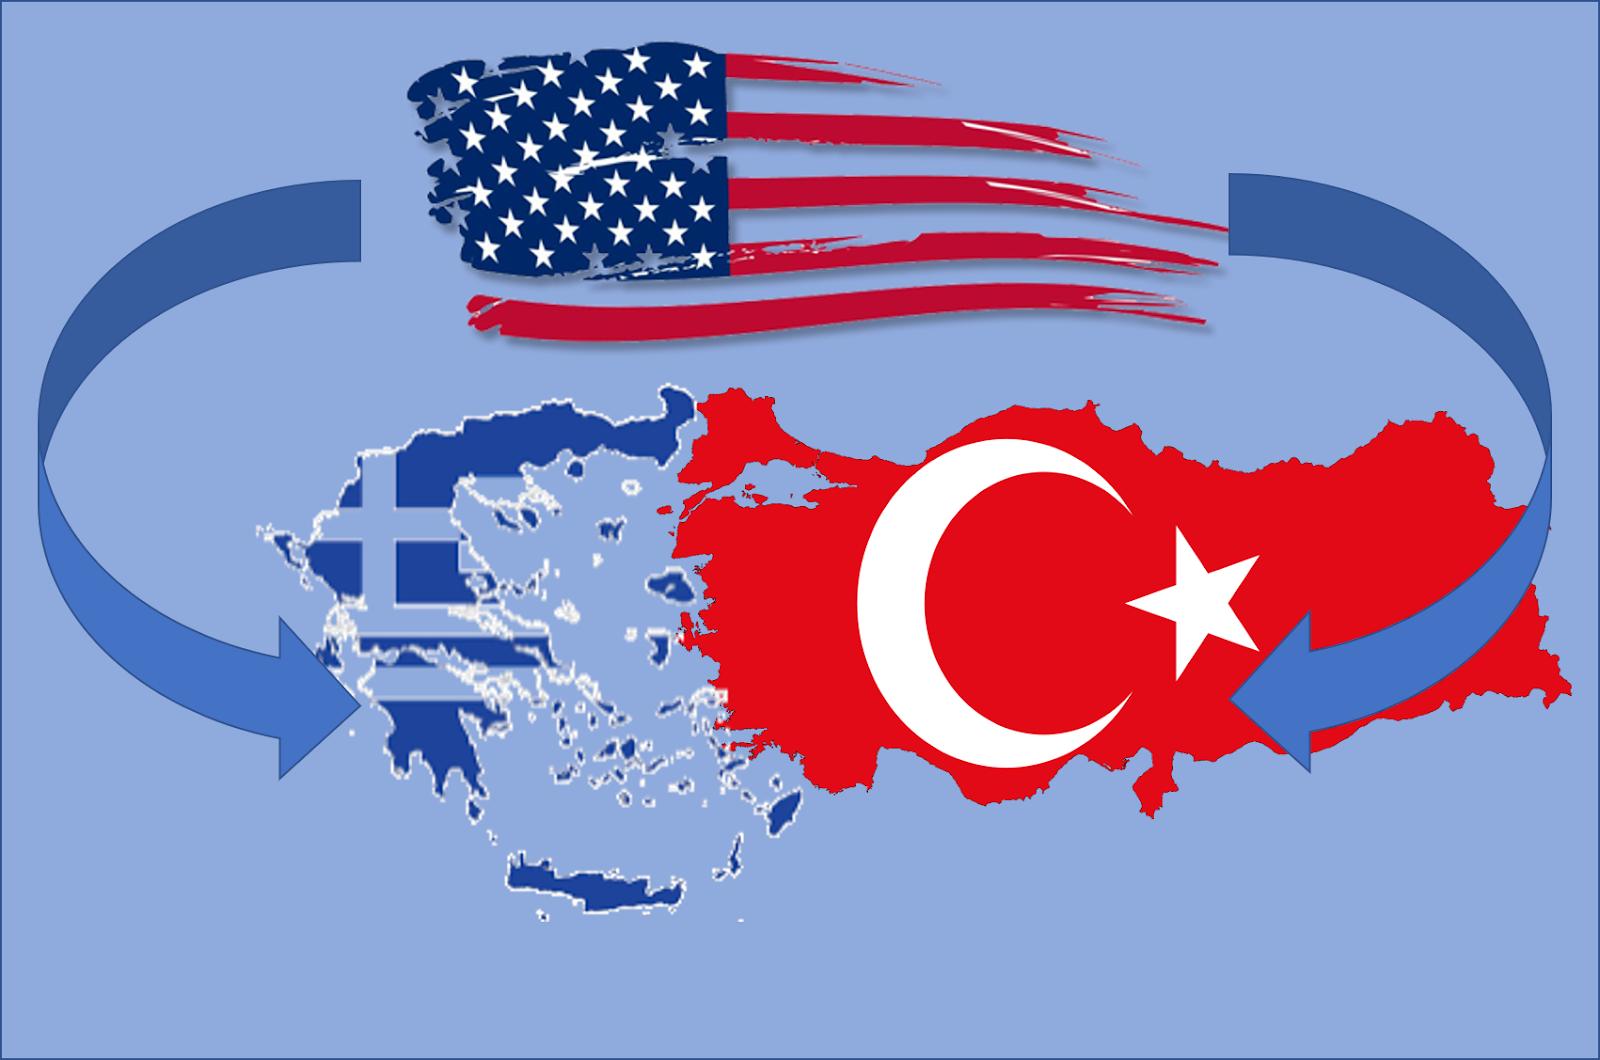 Σύγκρουση ΗΠΑ & Ρωσίας στη Μεσόγειο… Ποιος ο ρόλος Ελλάδας και Κύπρου;